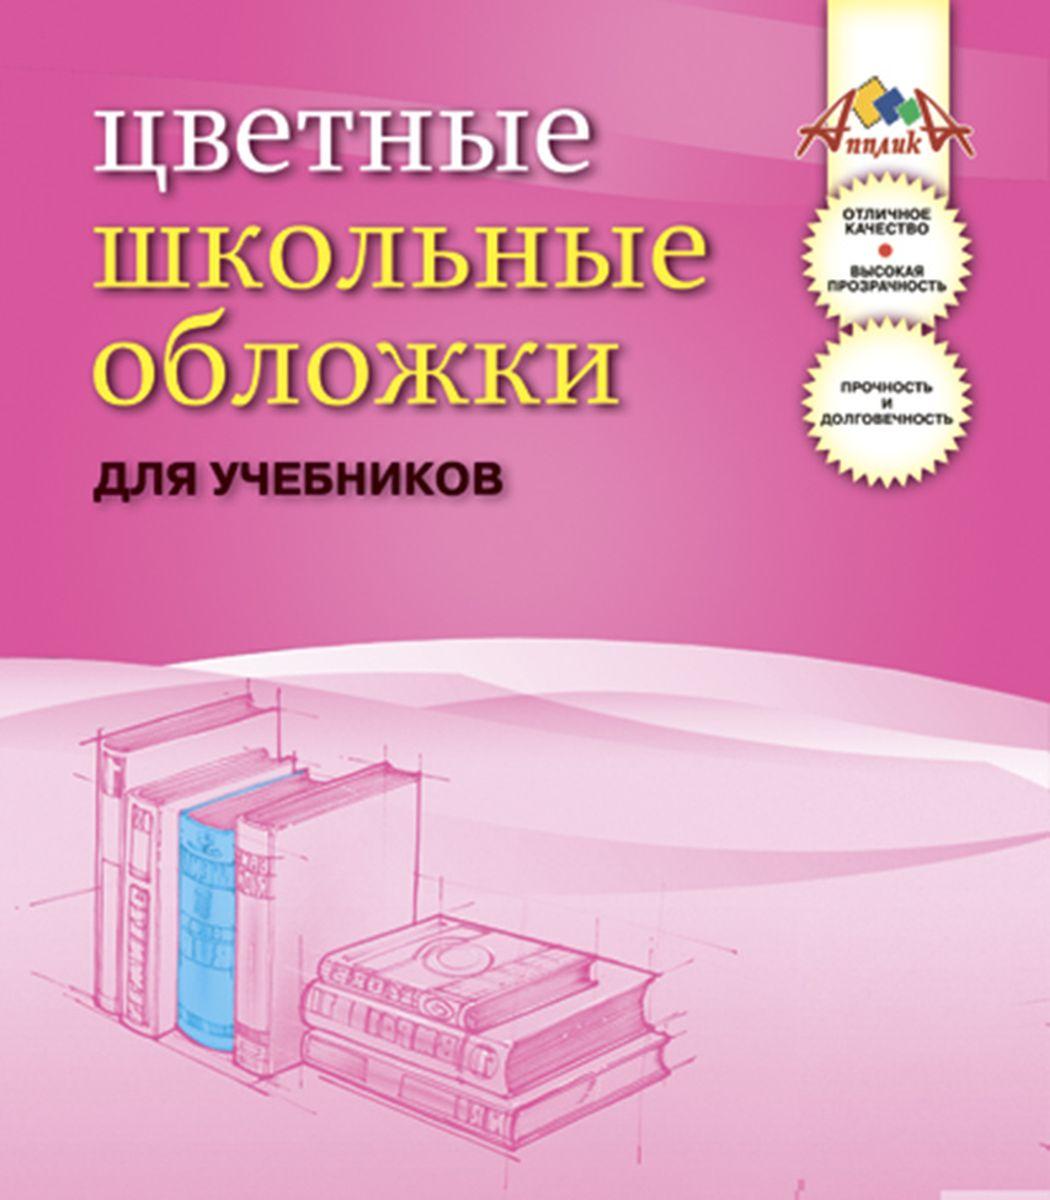 Апплика Набор обложек для учебников 5 шт С0844-01